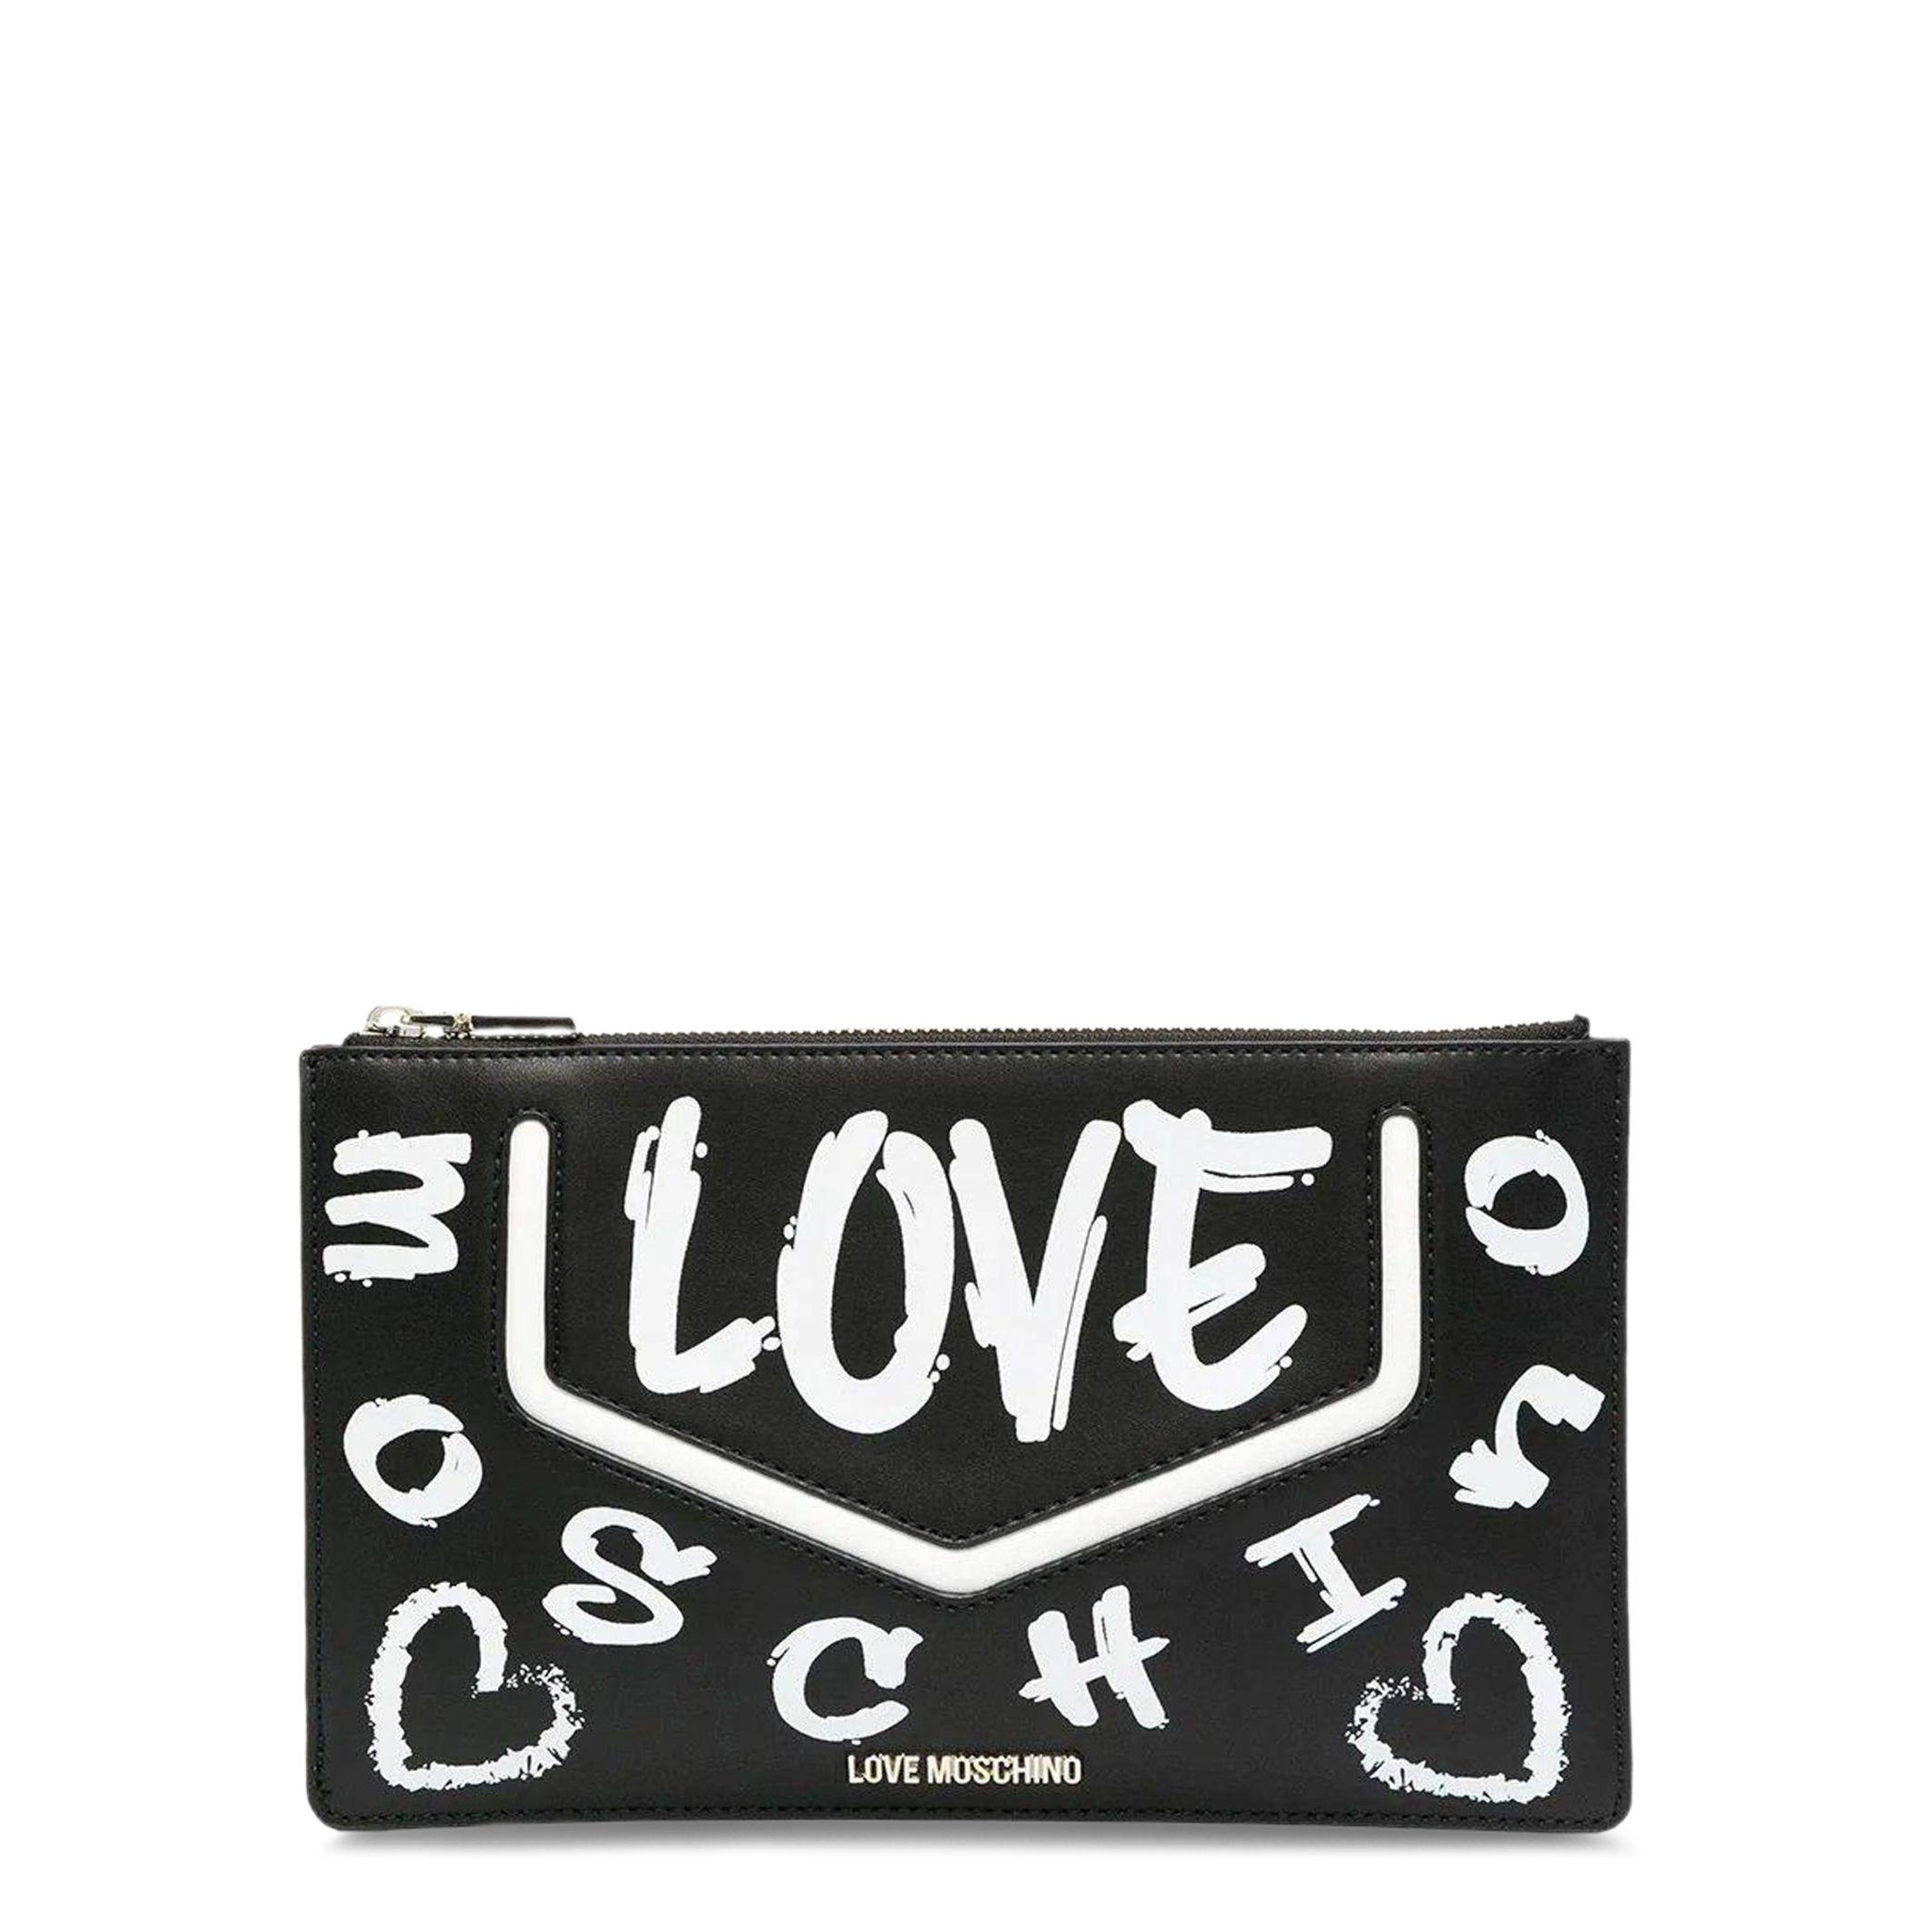 Love Moschino – JC4220PP0CKC1 – Zwart Designeritems.nl